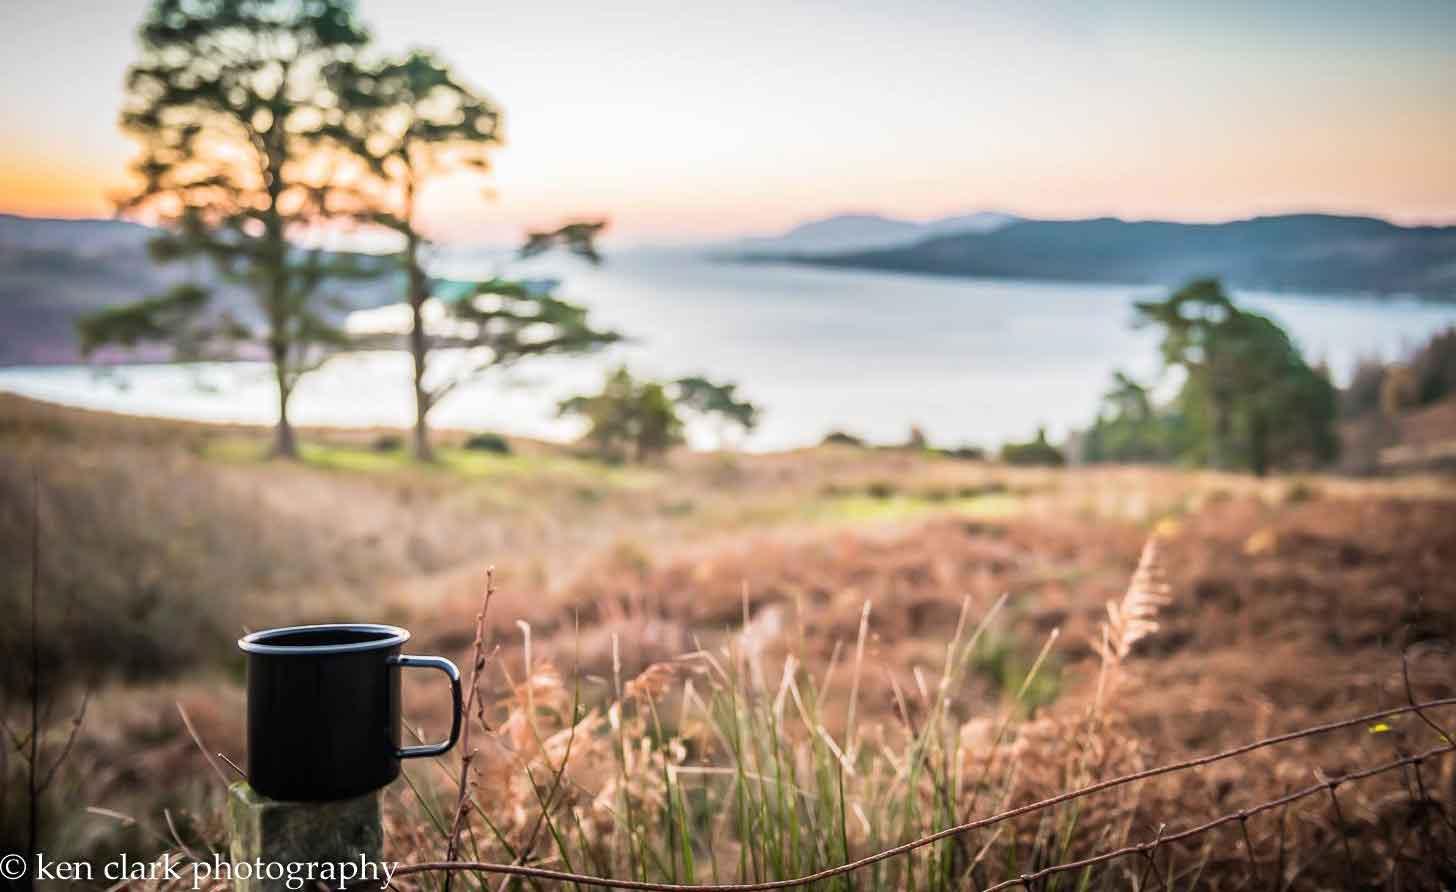 View-kyles-coffee-cup.jpg